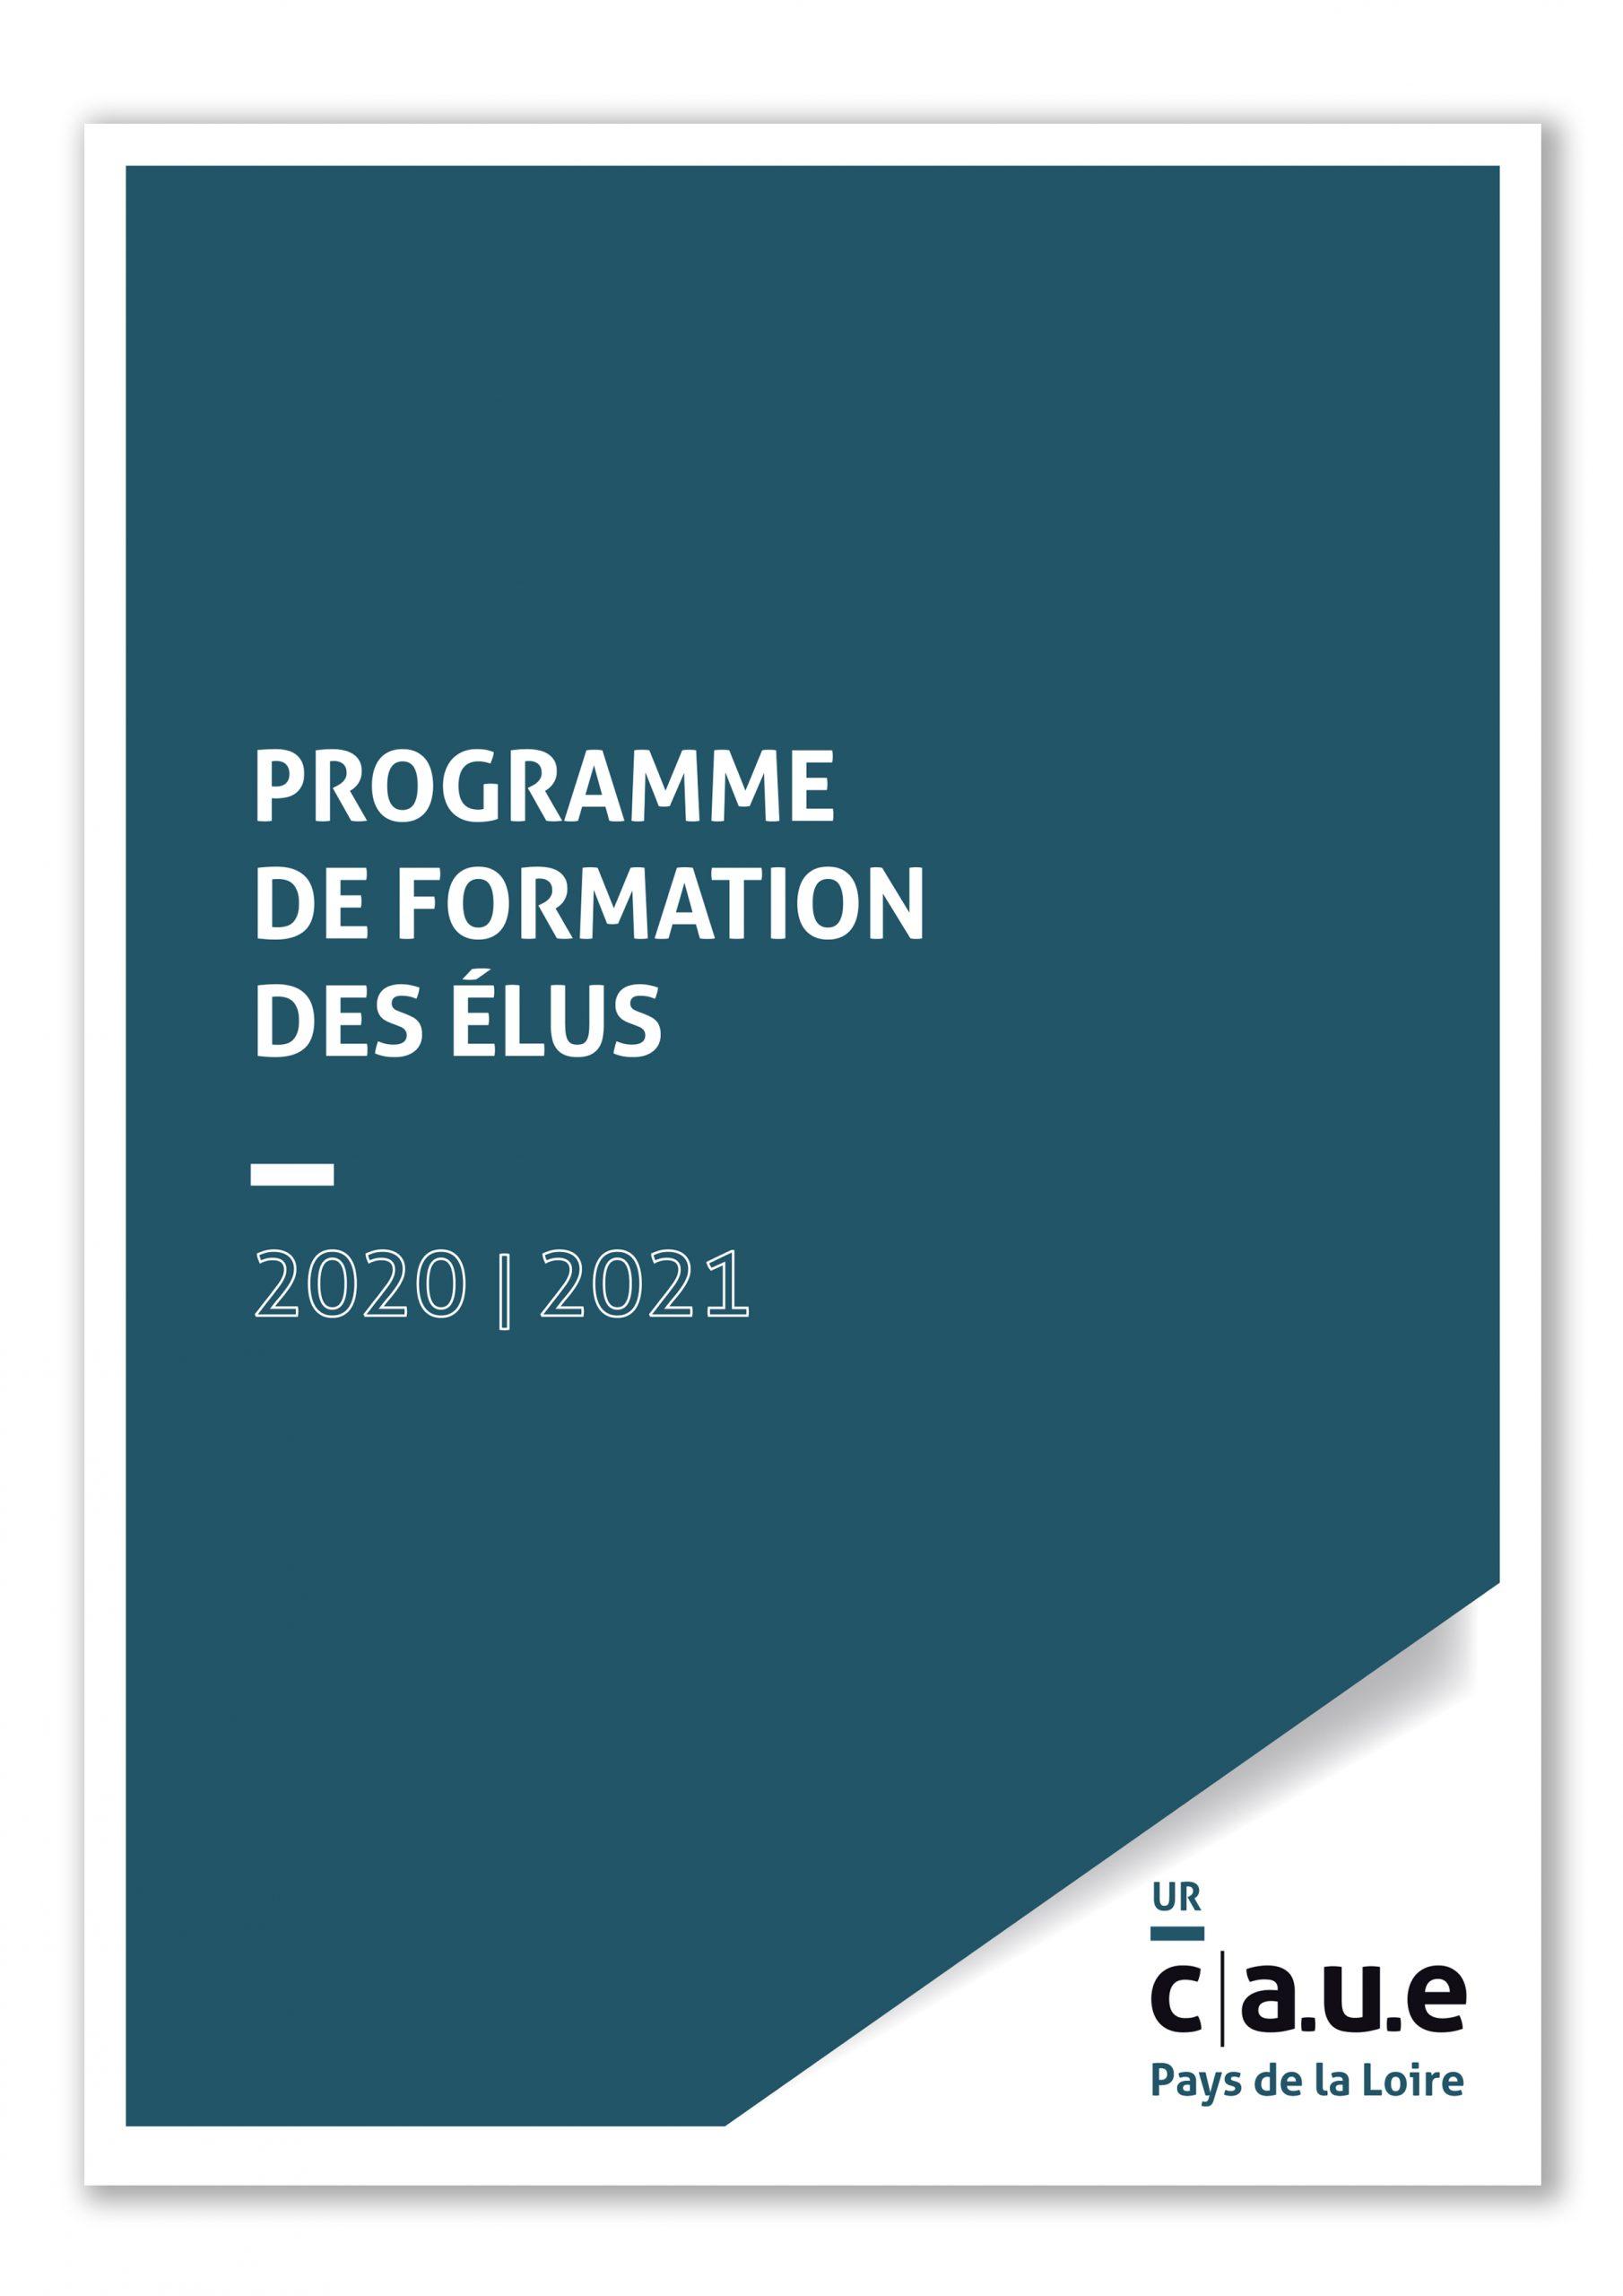 Programme de formation de élus